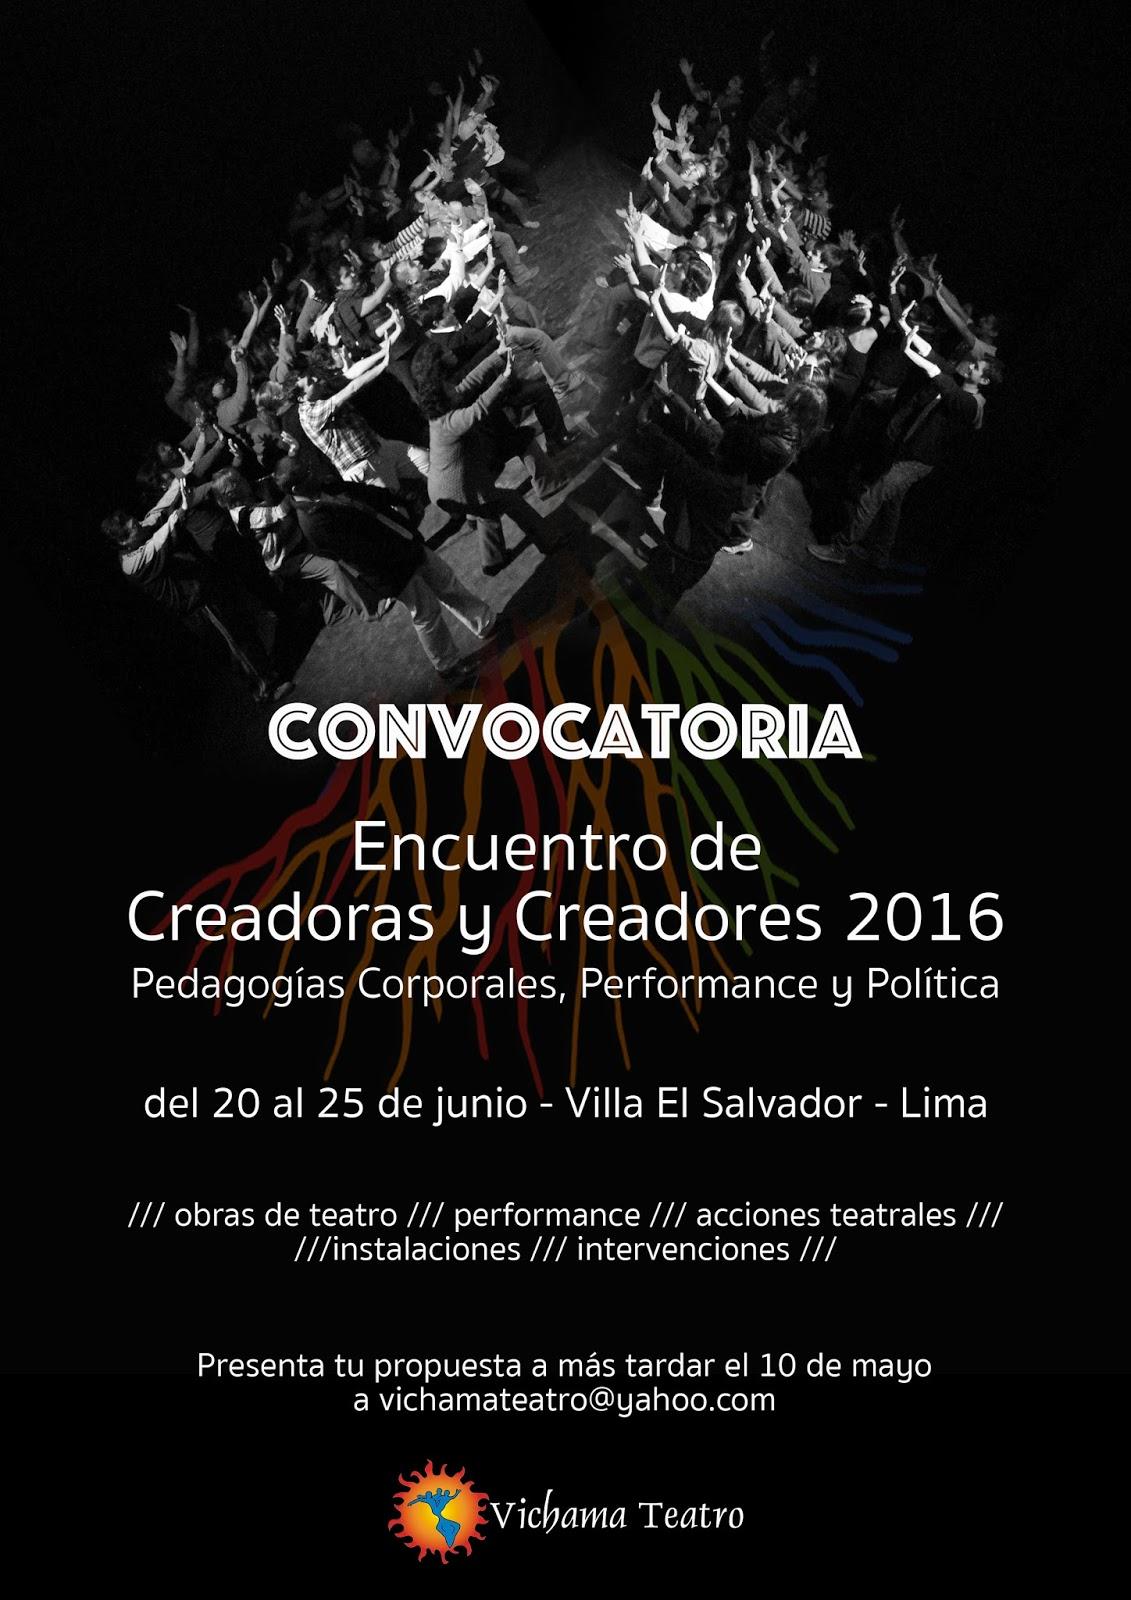 Vichama convocatoria encuentro de creaodras y creadores 2016 for Convocatoria profesores 2016